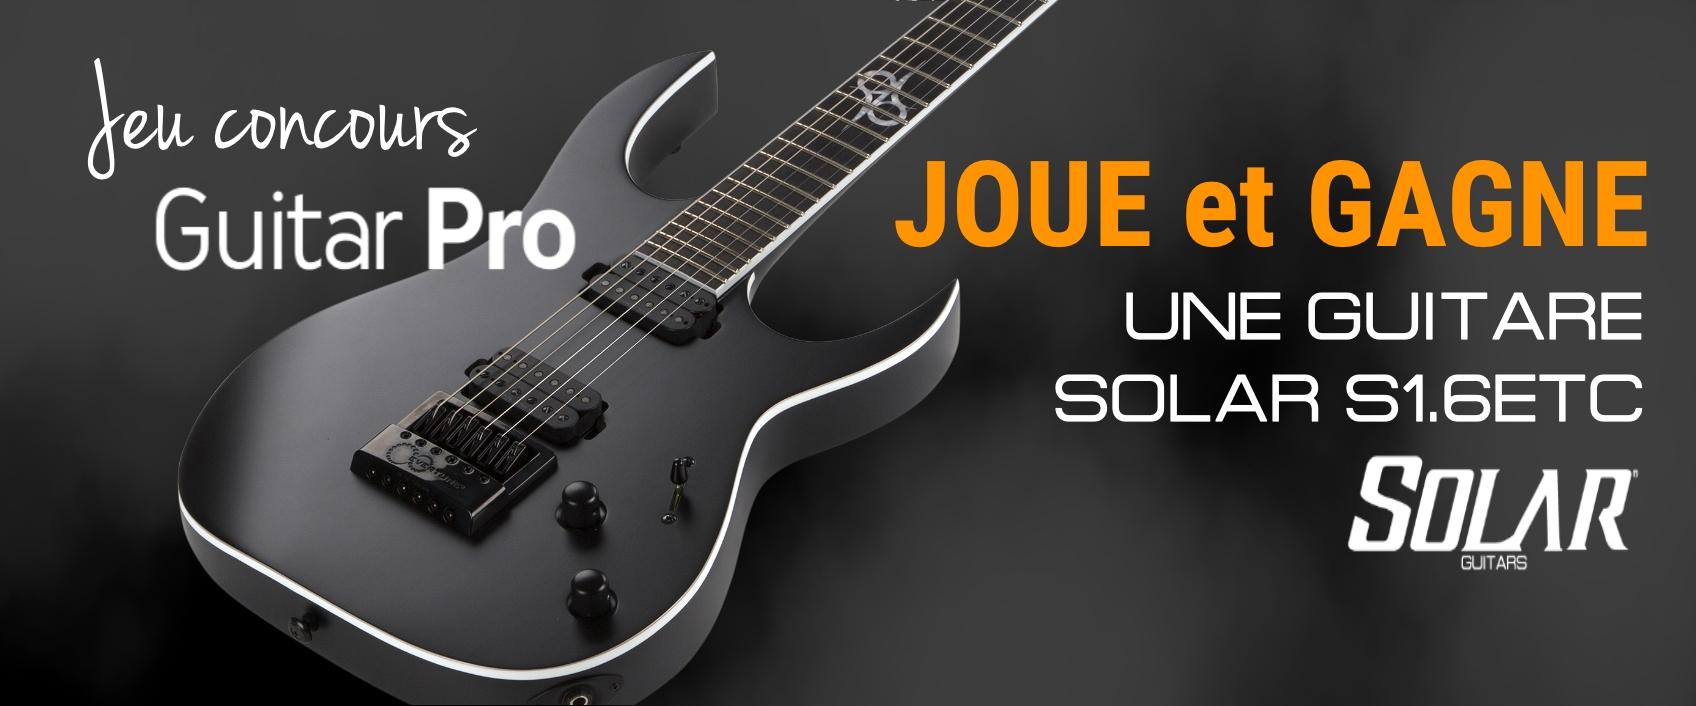 [Jeu Concours terminé ] Gagnez une guitare Solar !